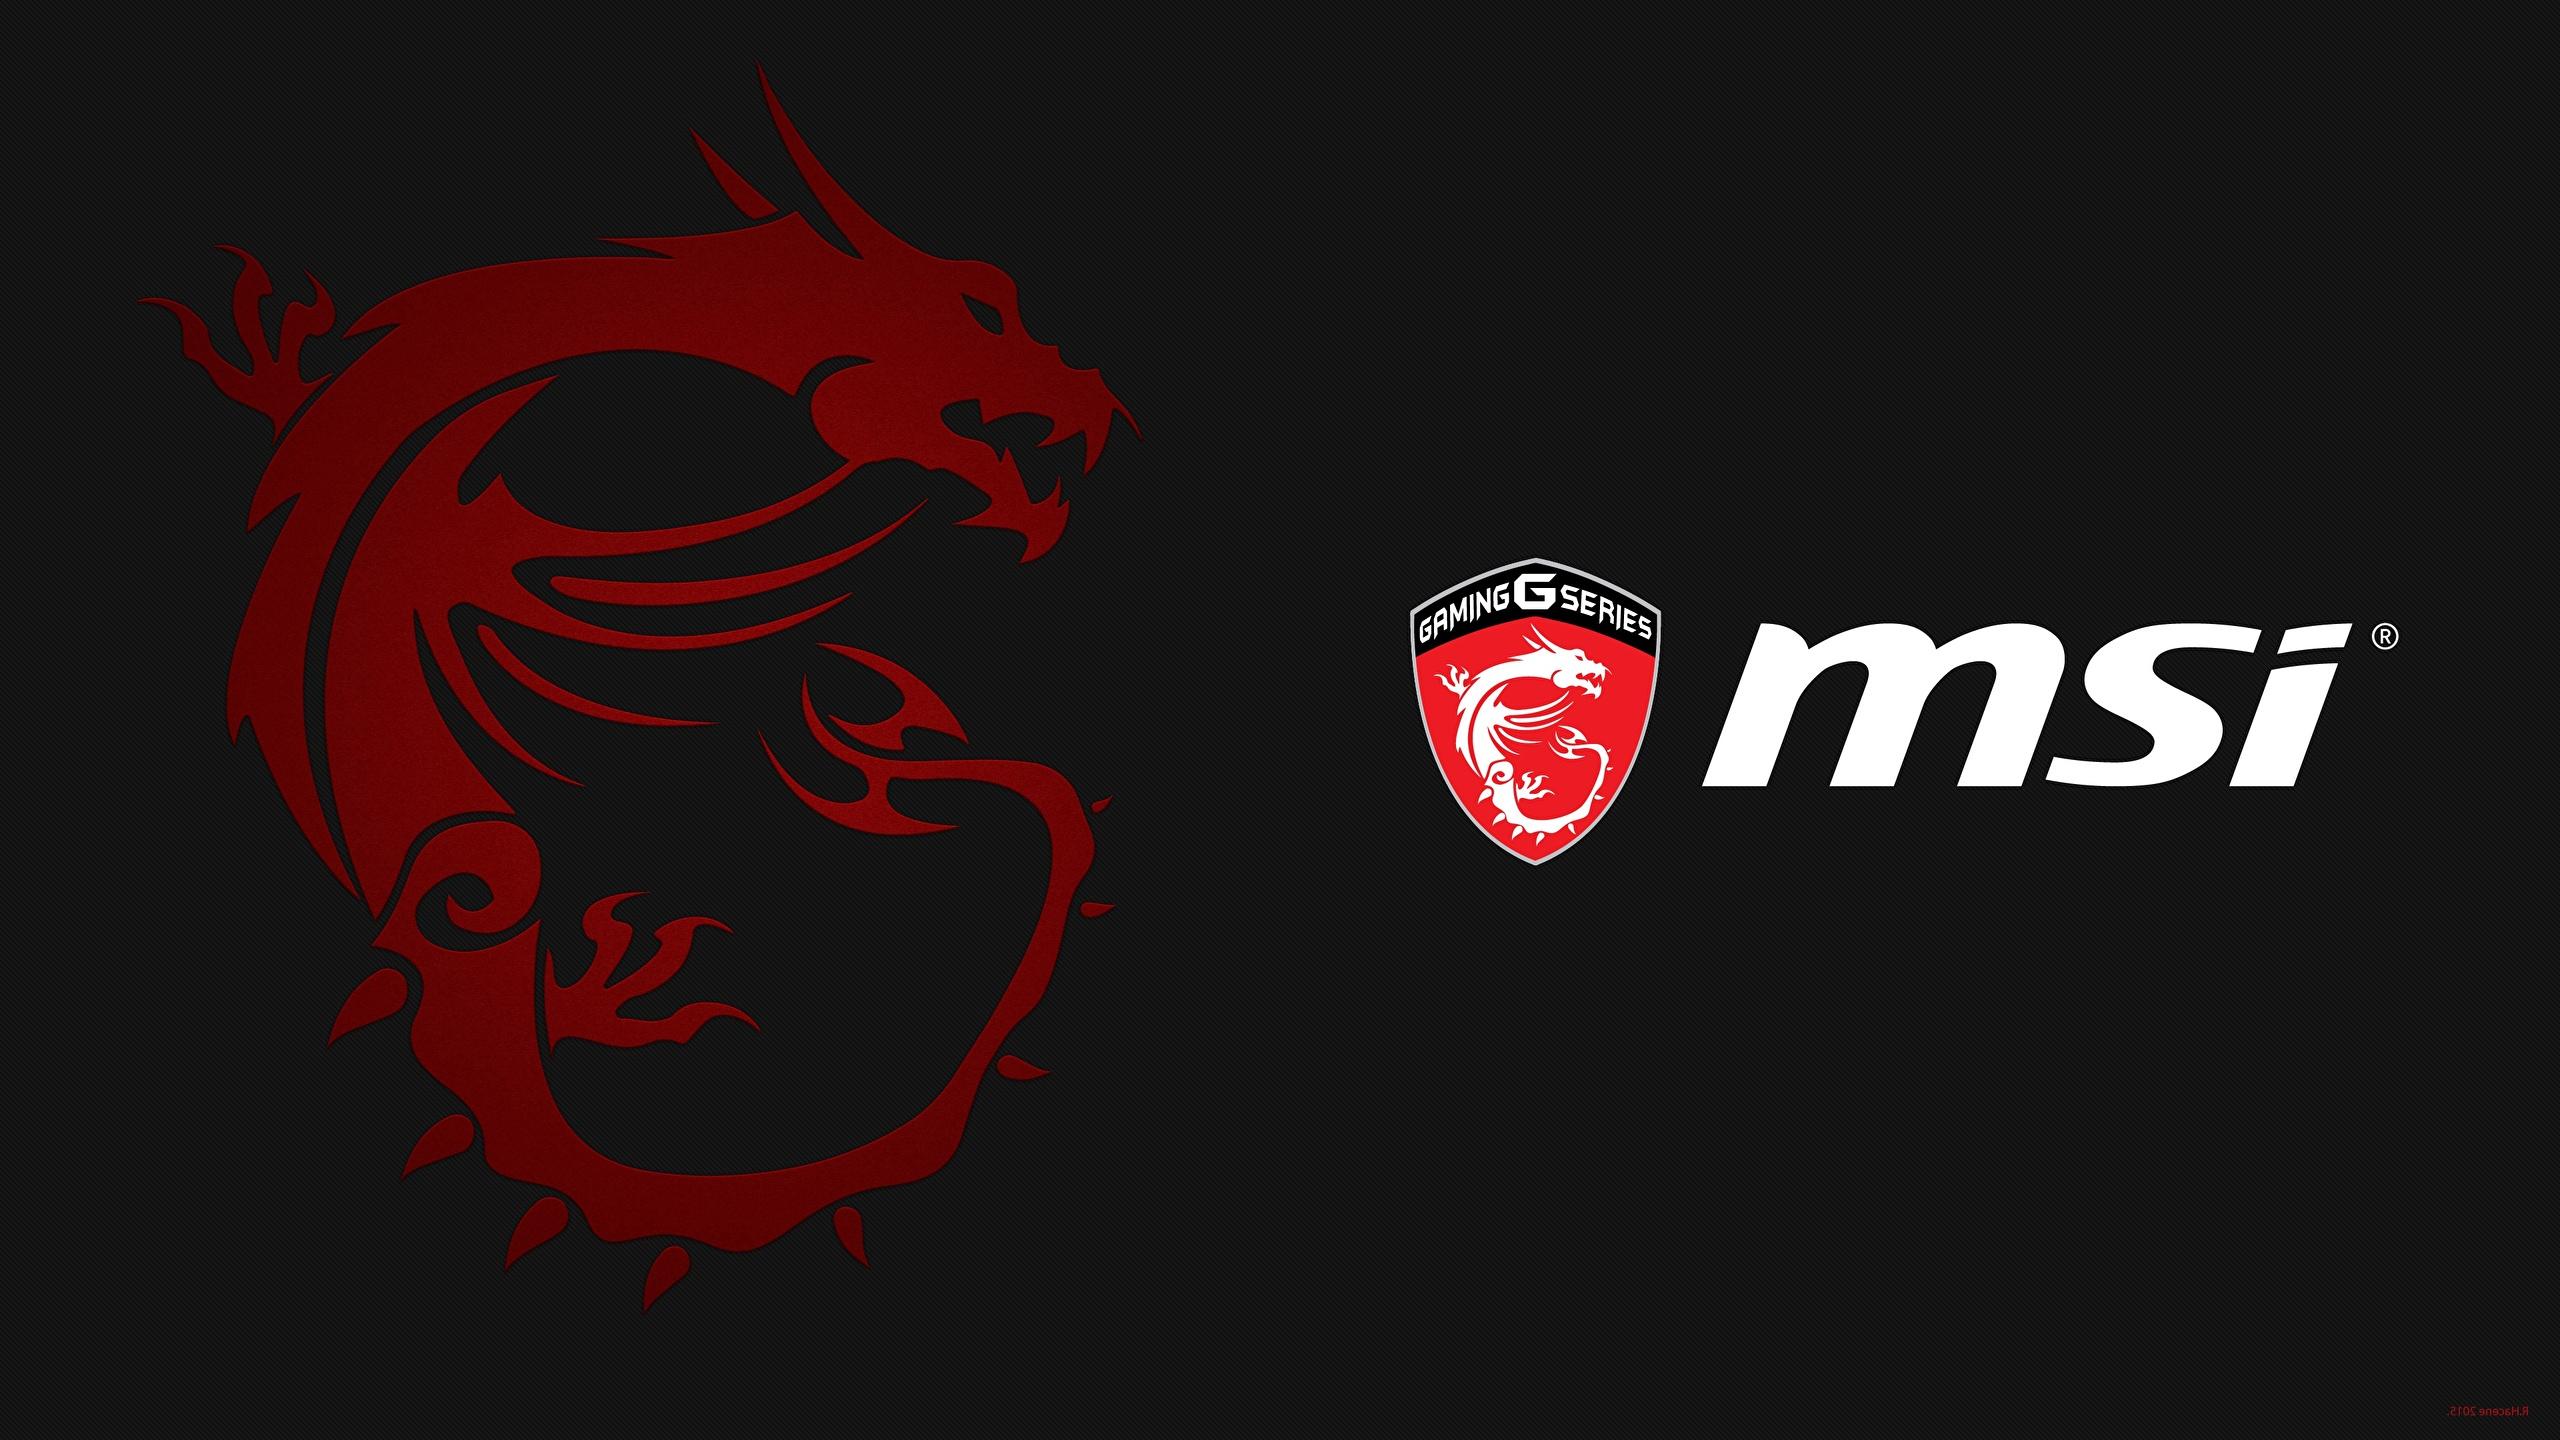 Wallpaper Dragon Logo Emblem Msi Computers Black 2560x1440